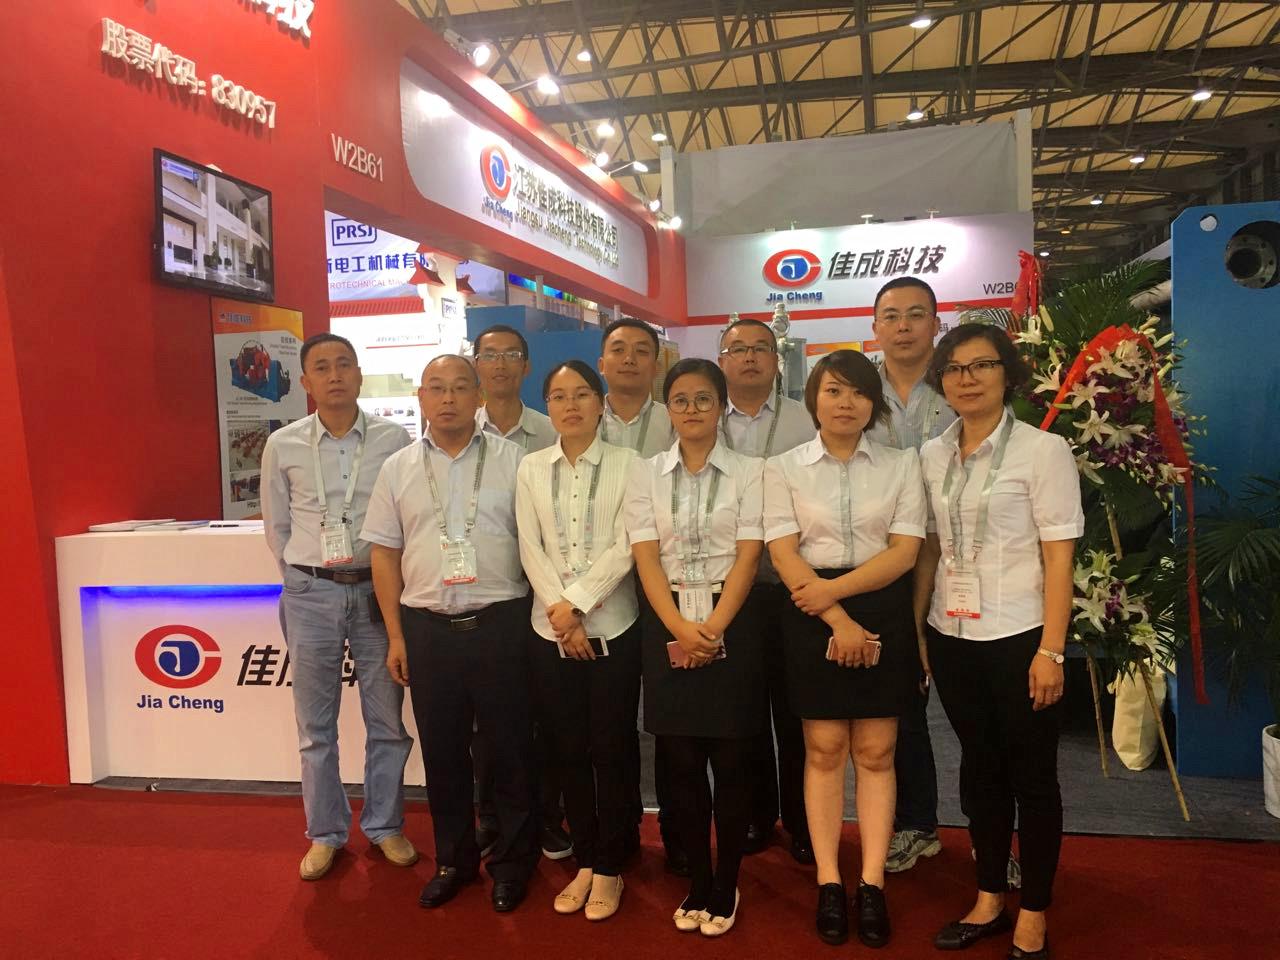 佳成出席上海第七屆中國國際線纜工業展覽會